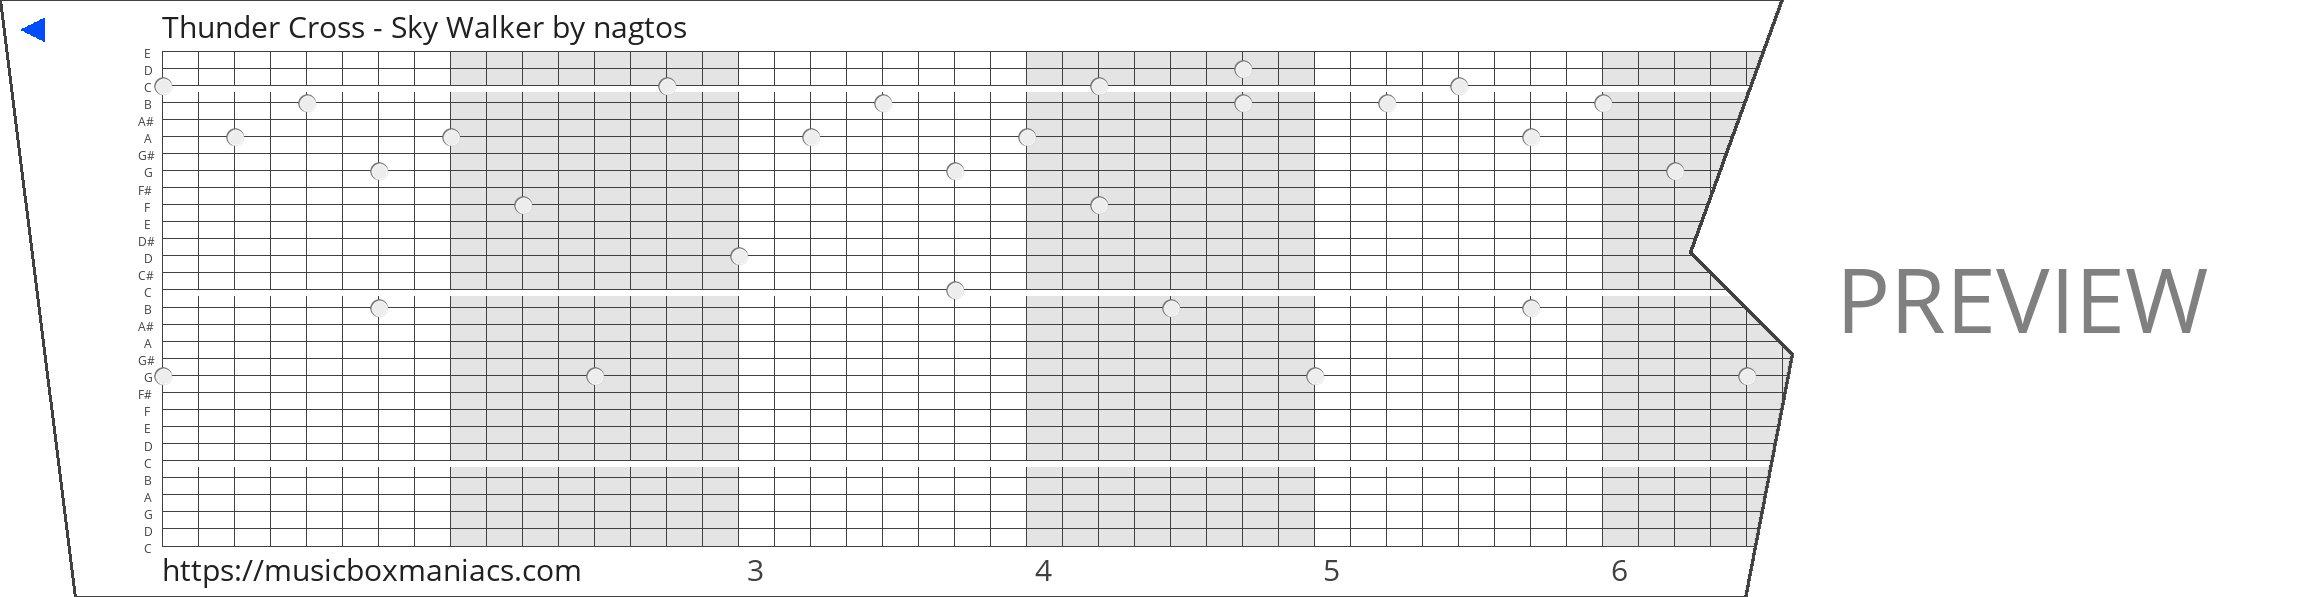 Thunder Cross - Sky Walker 30 note music box paper strip